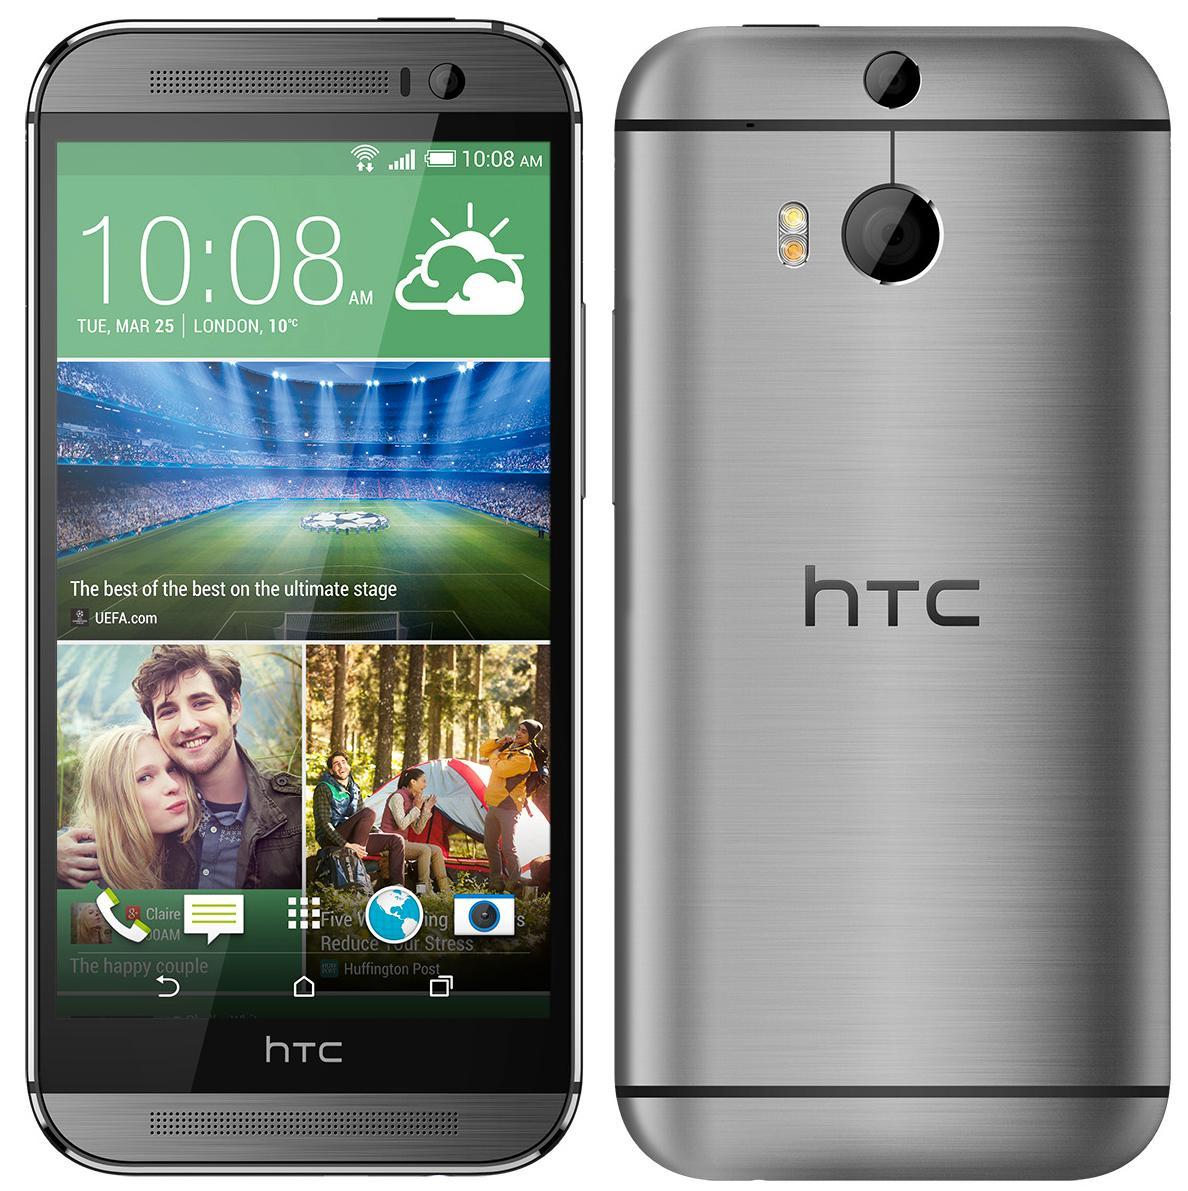 HTC One M8 er dyr, og du kan spare mye på å velge den forrige modellen.Foto: HTC